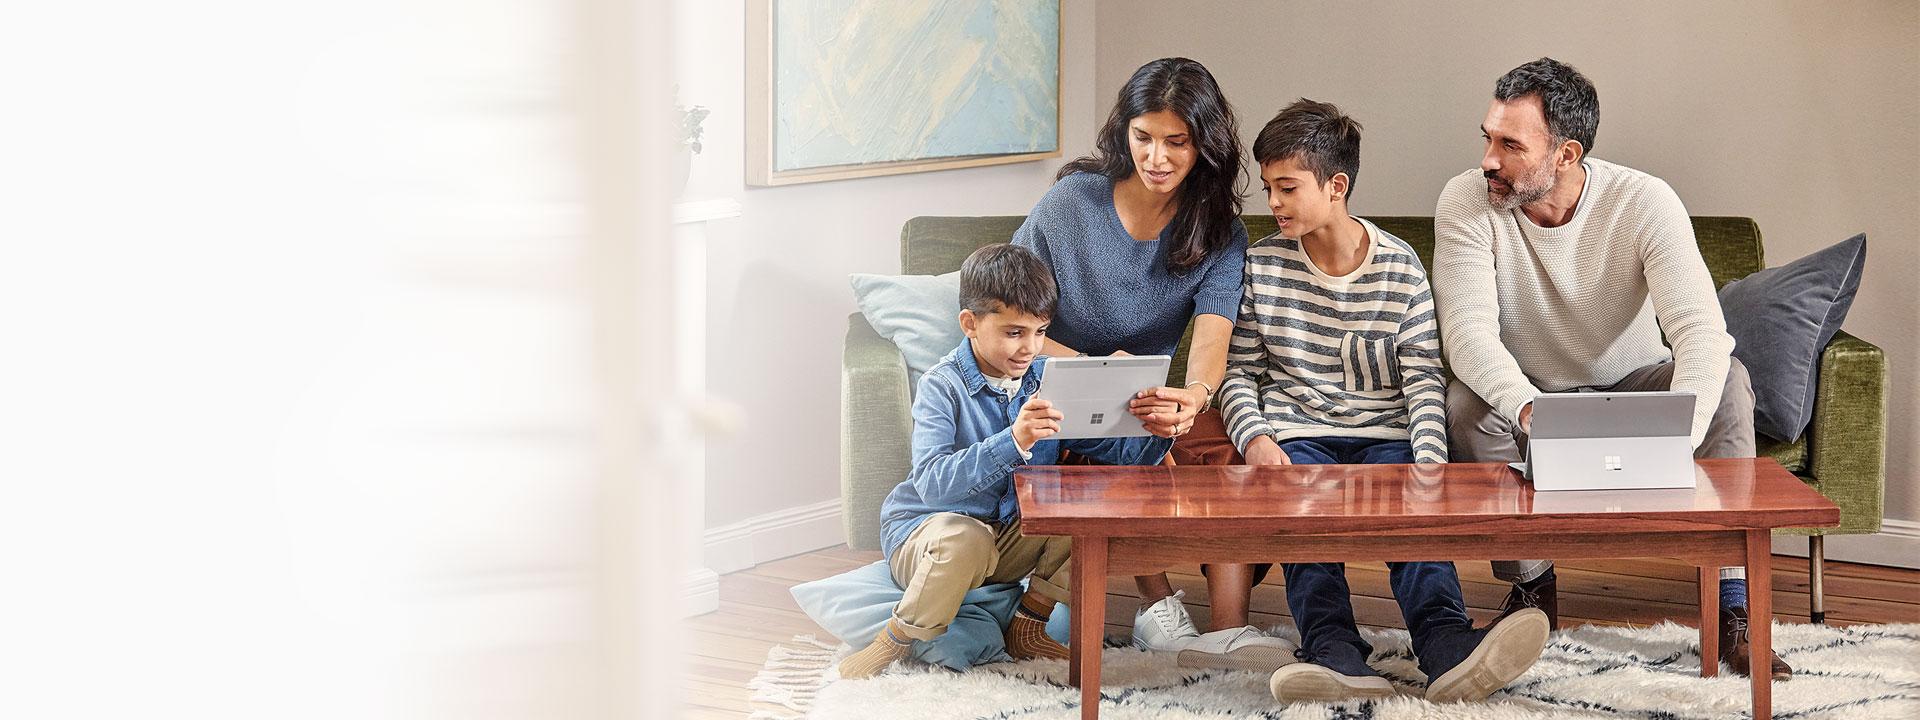 Un homme, une femme et deux garçons qui utilisent deux ordinateurs Microsoft Surface assis sur un canapé à la maison